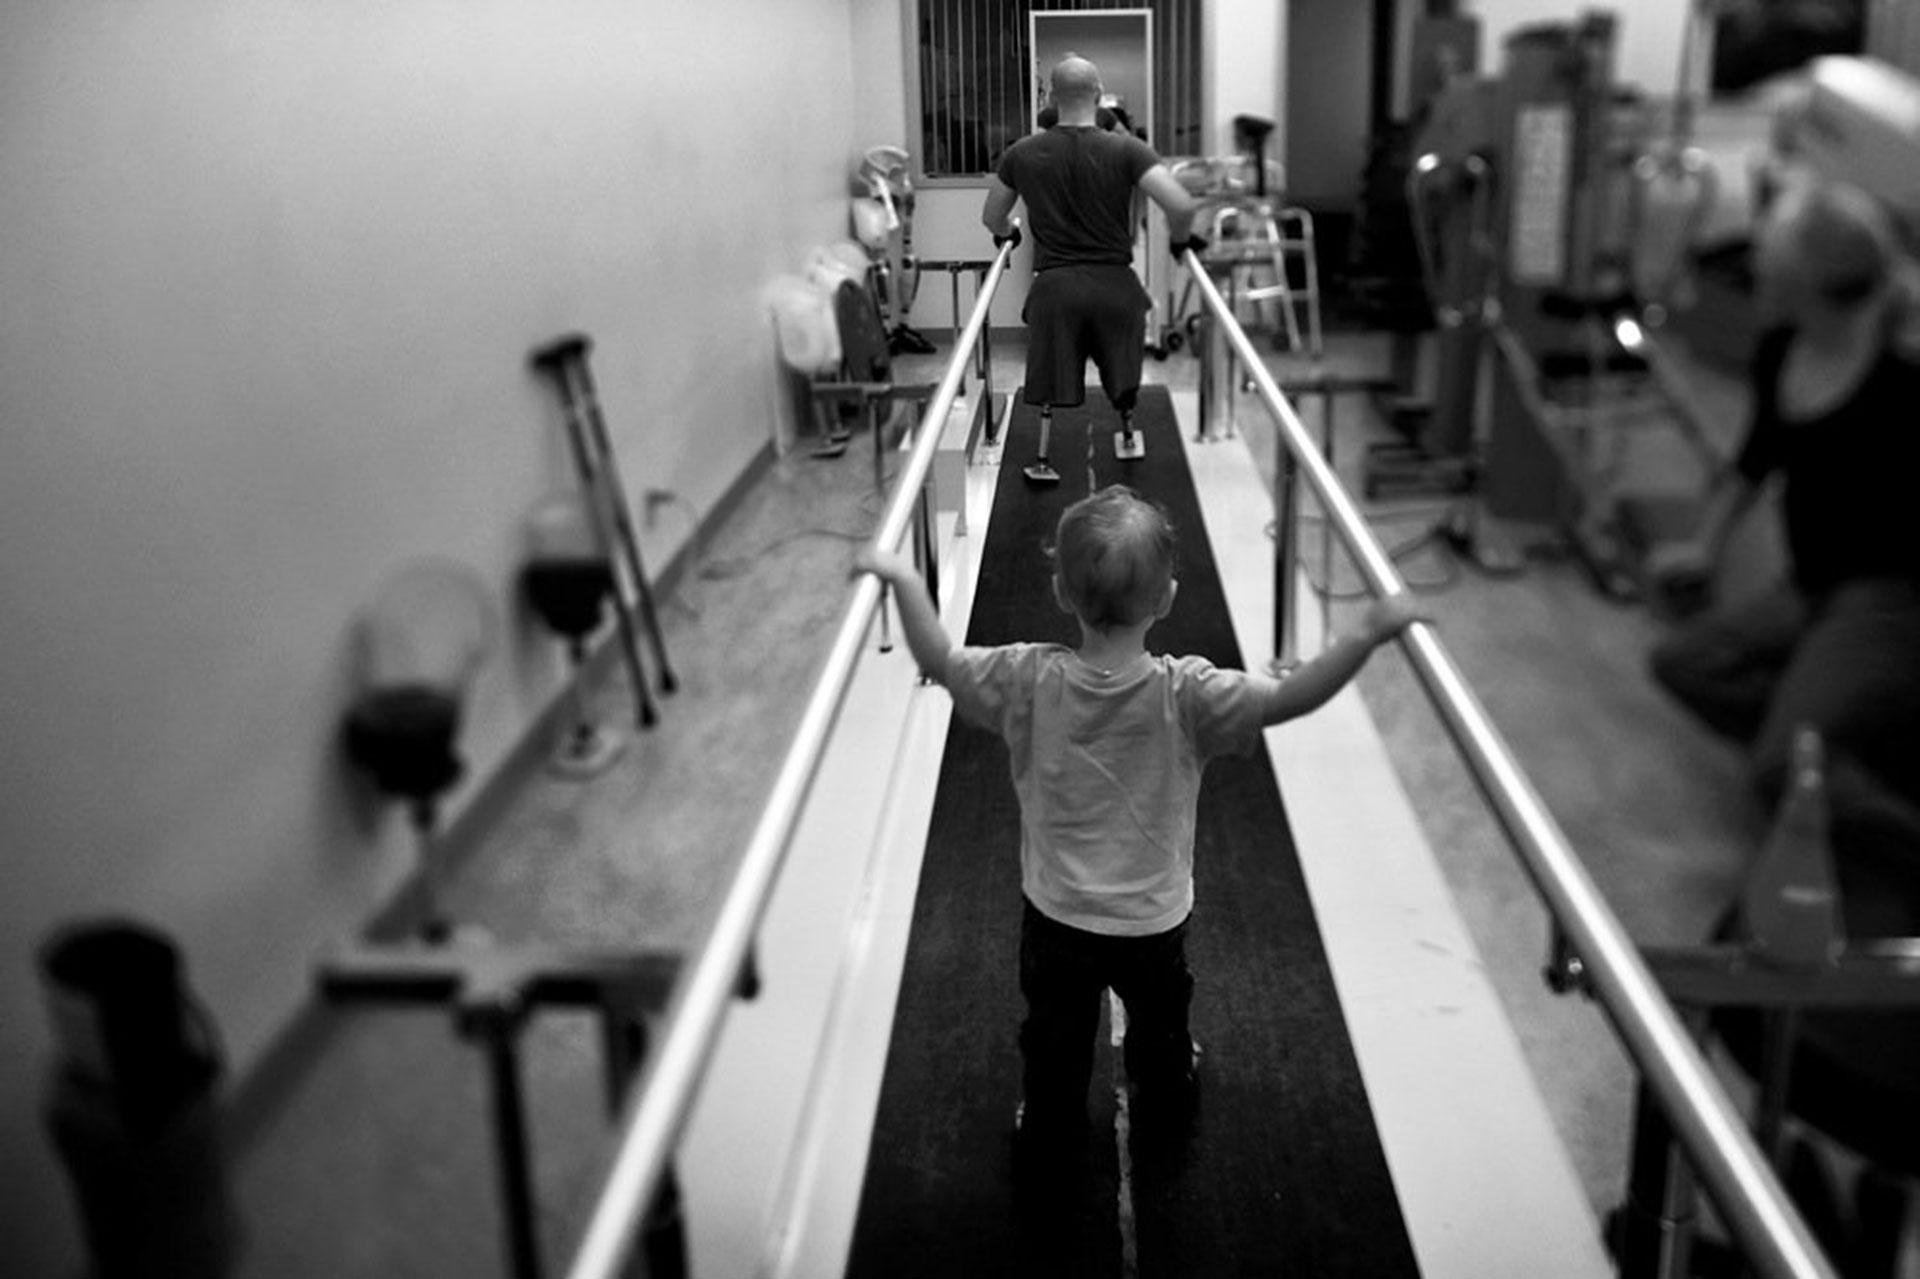 En el Centro Naval Médico de San Diego, el marine Jake Romo hace rehabilitación física luego de perder ambas extremidades en Afganistán en 2011. Su pequeño hijo lo acompaña enlarecuperación